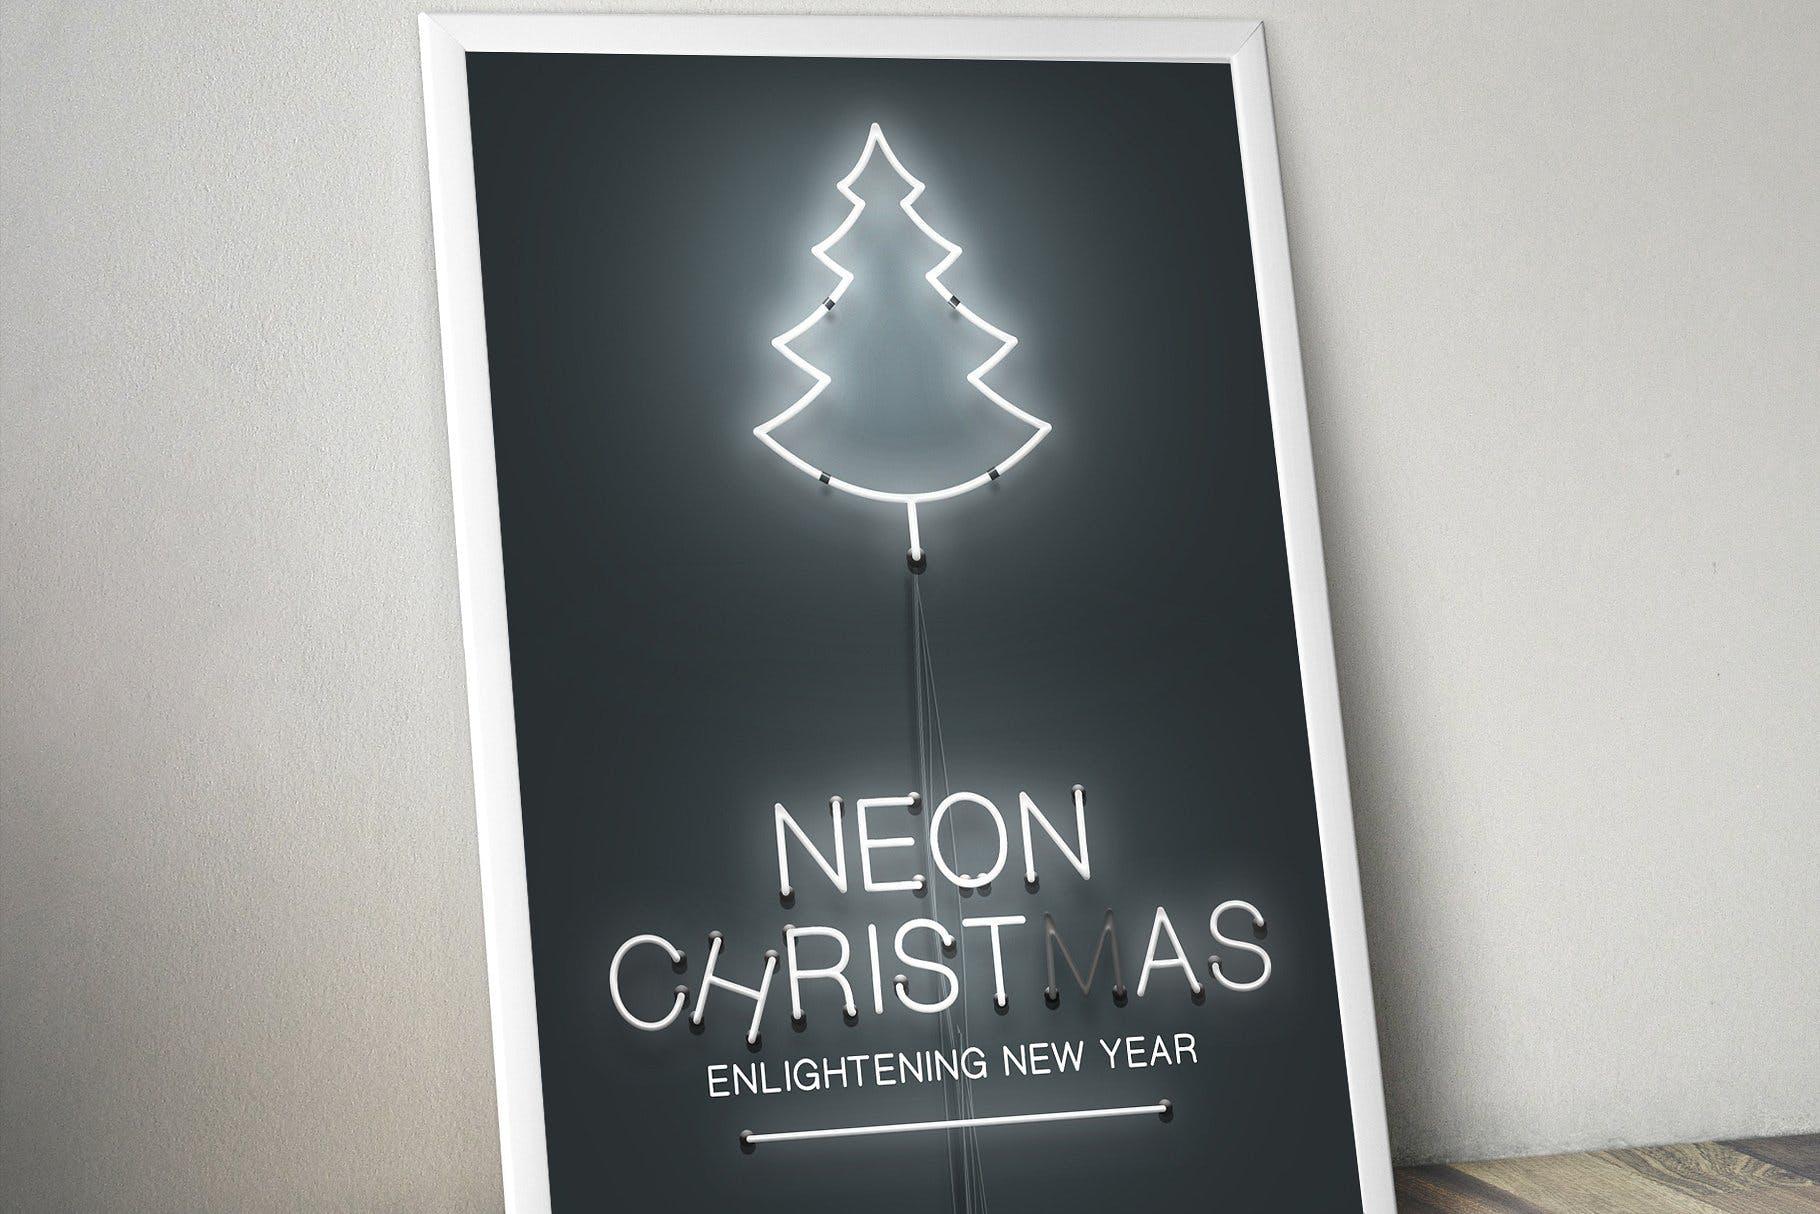 圣诞节主题霓虹灯效果图形文字设计PS样式模板 Neon Christmas Layer Style插图(4)